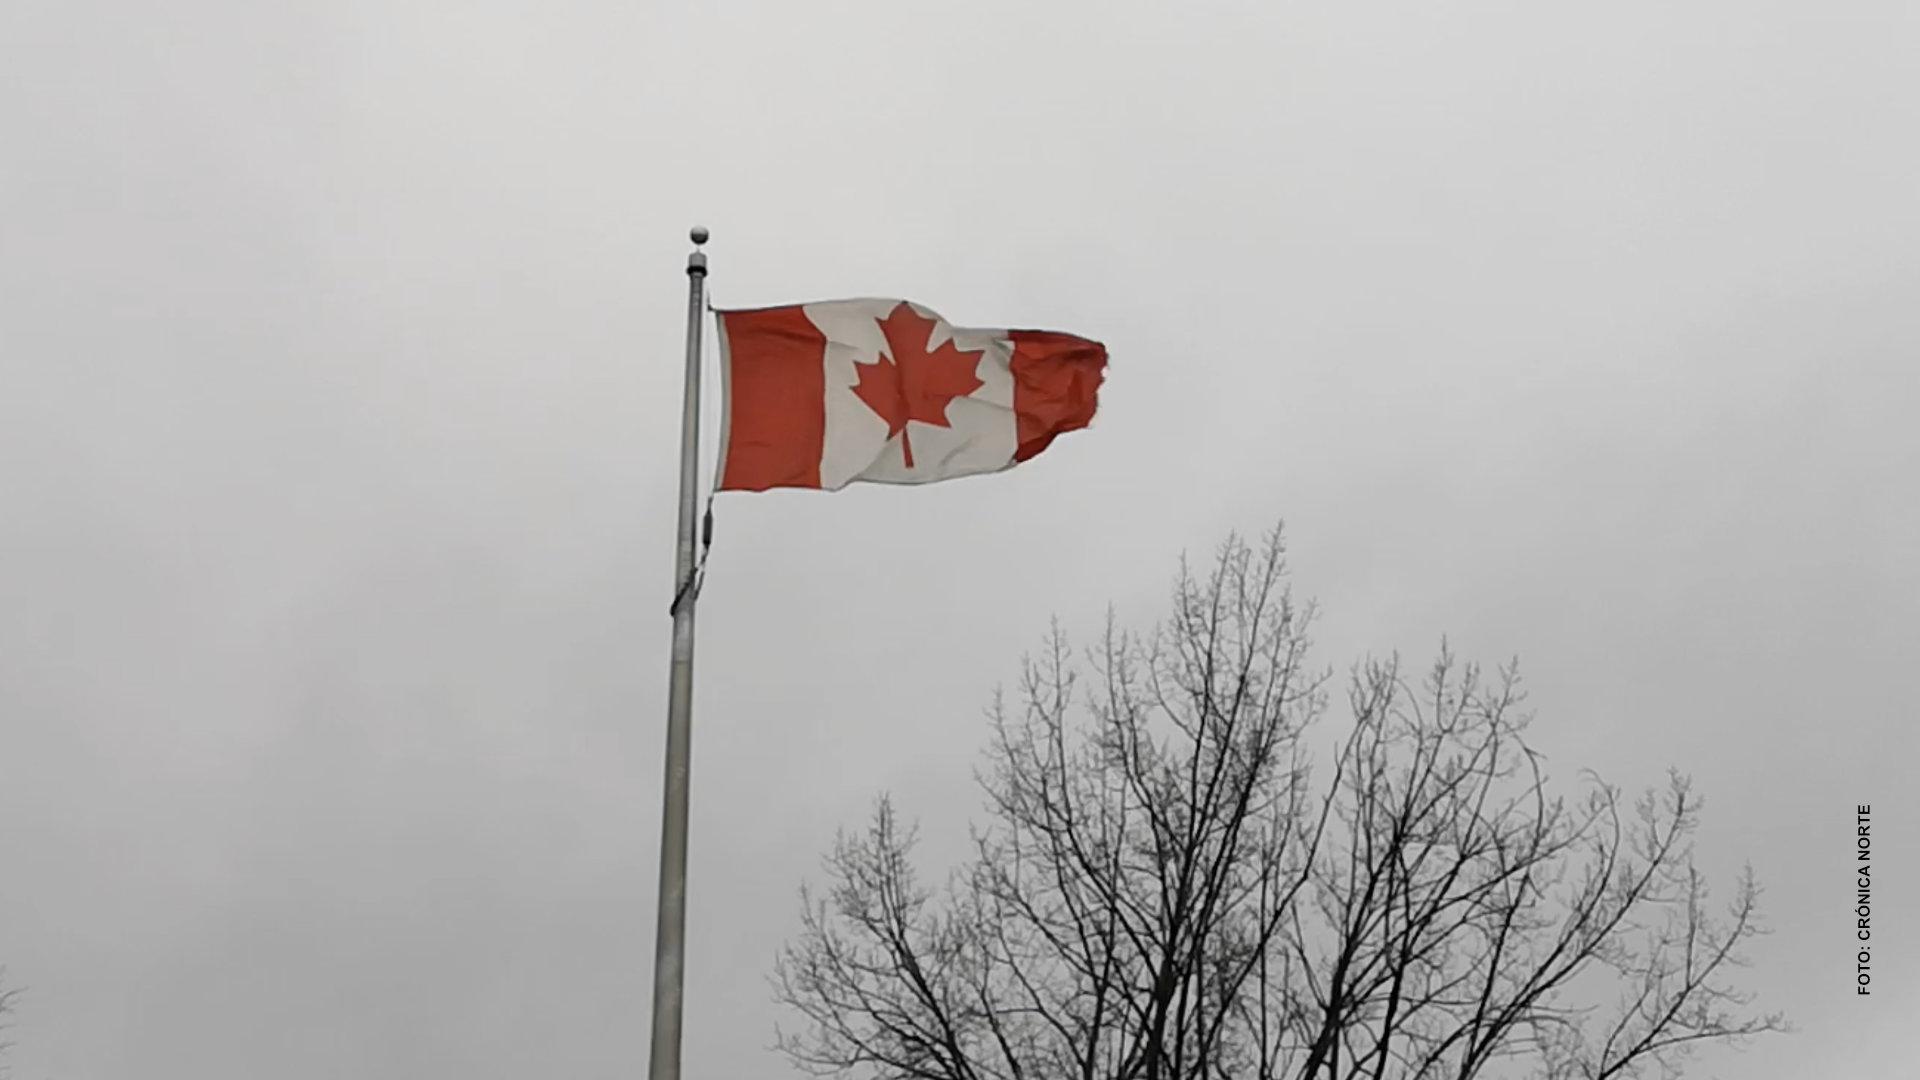 Canadá atraerá 1.2 millones de inmigrantes en tres años